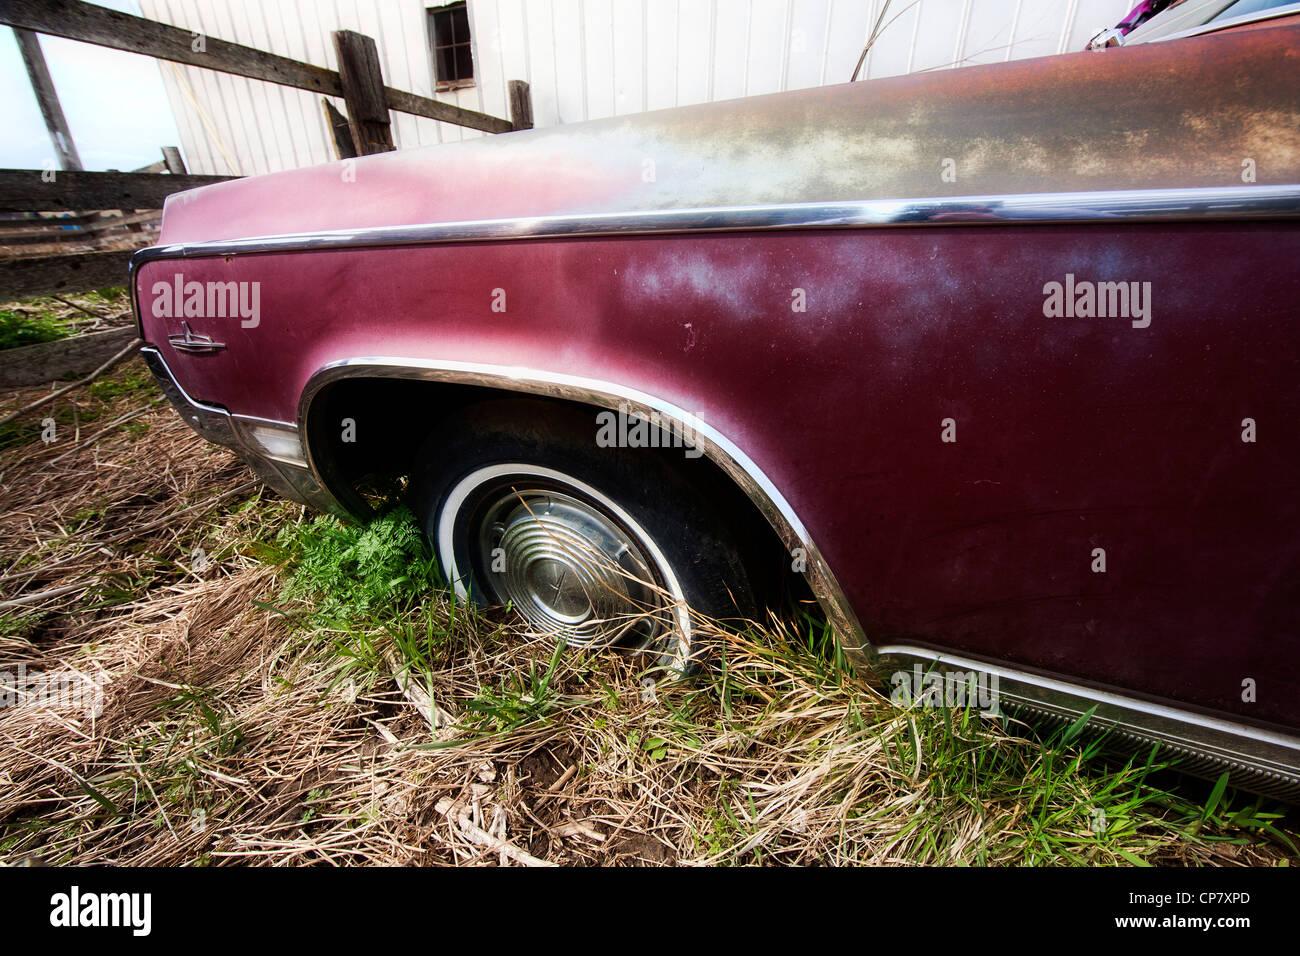 Die Fender und Rad eines alten klassischen Autos. Stockbild